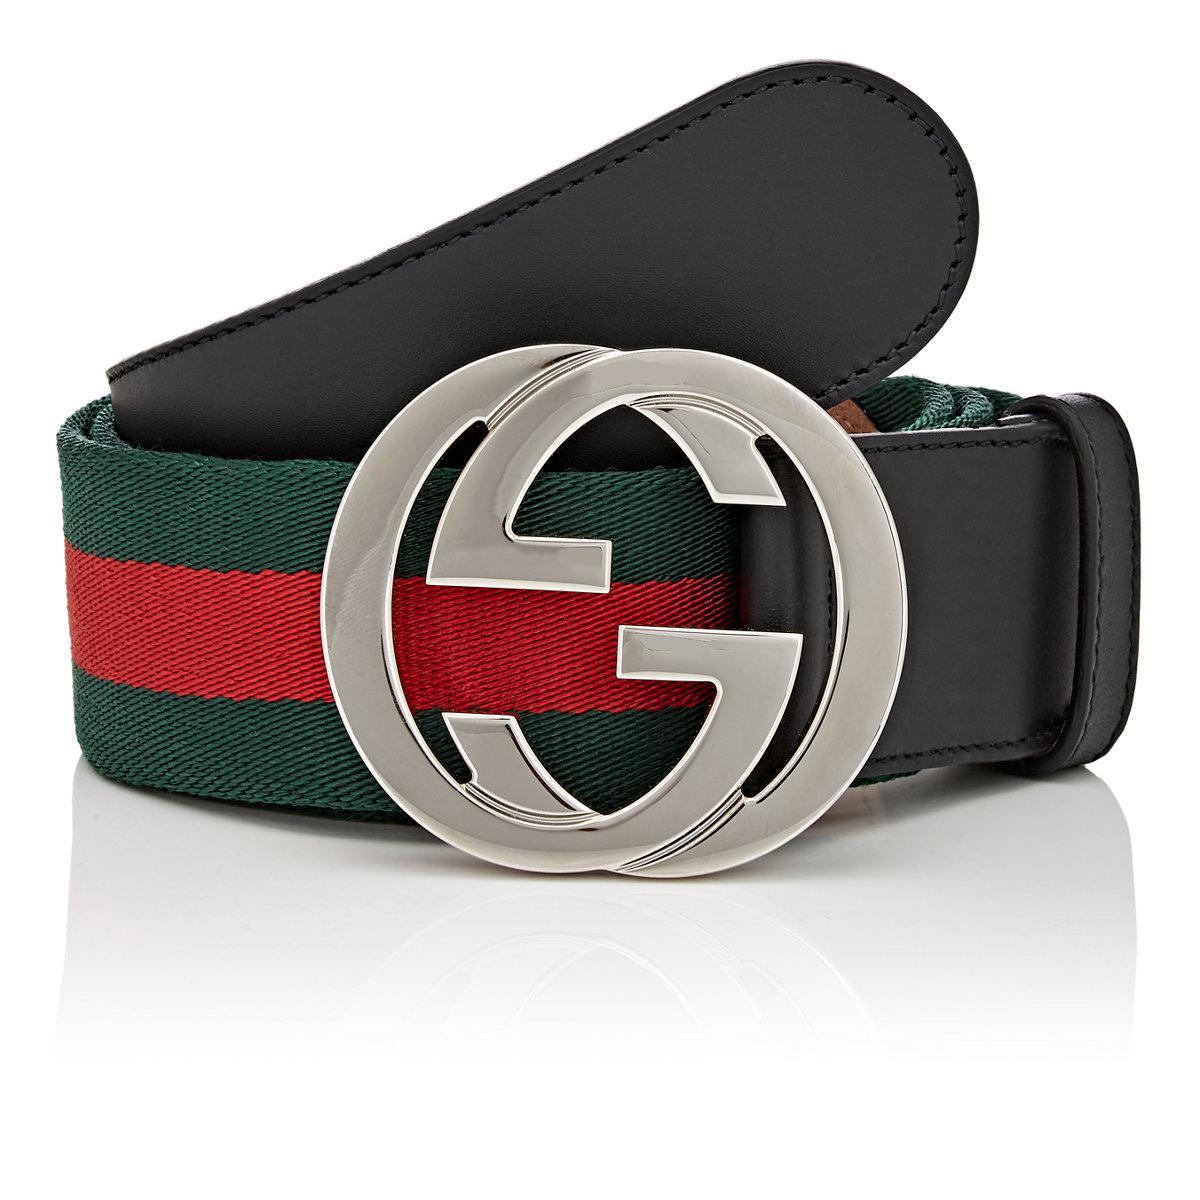 061ca4916e4 Gucci Web Striped Canvas Belt for Men - Lyst